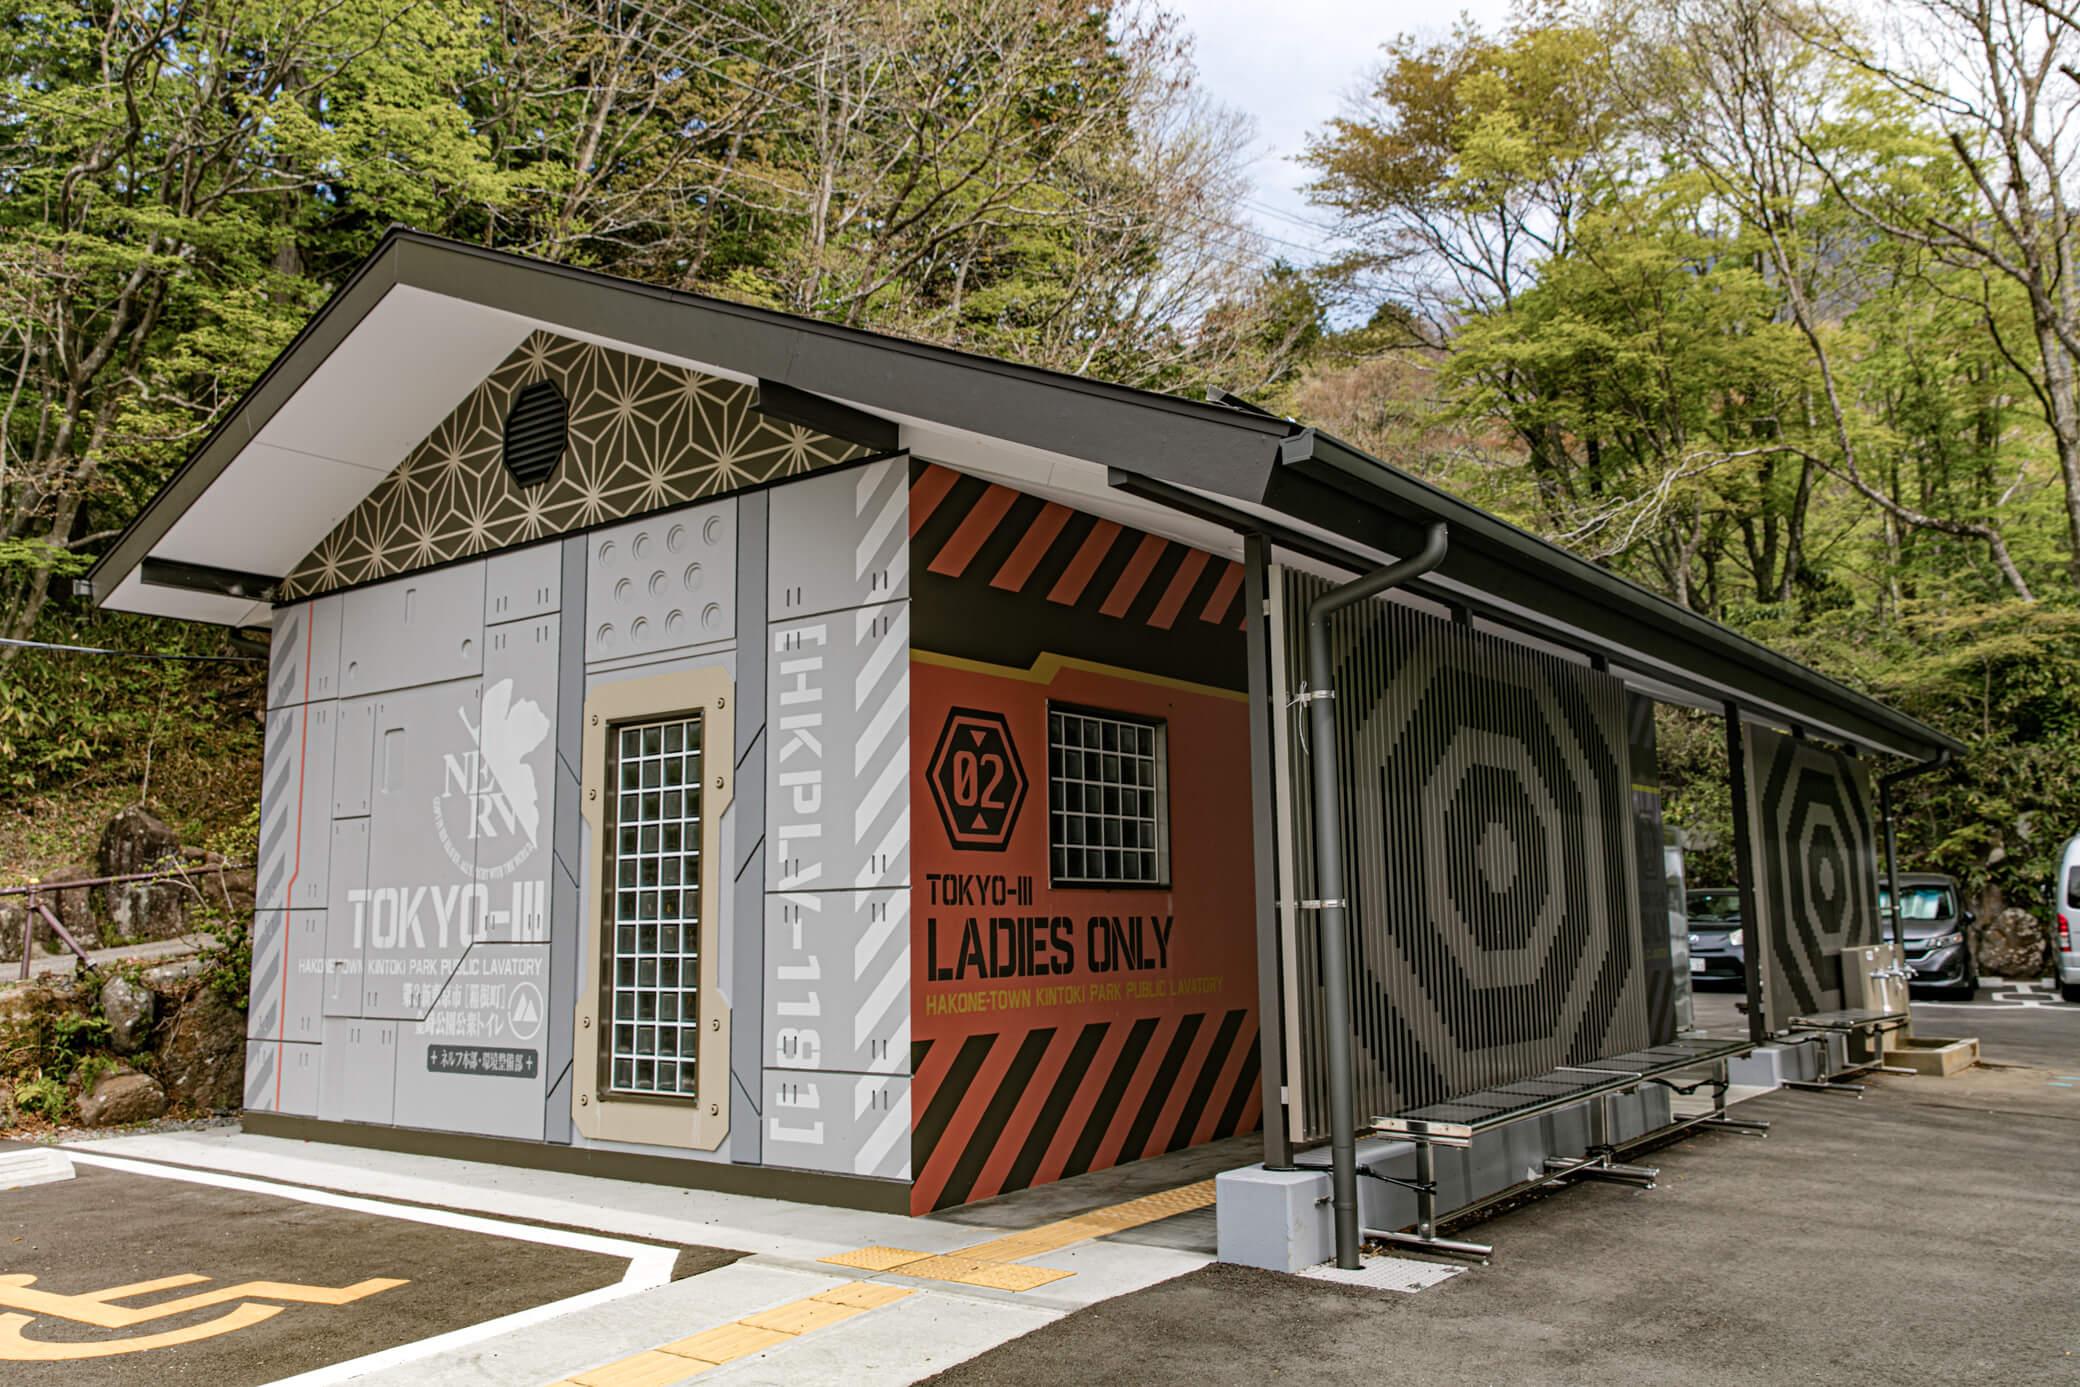 金時山 公時神社駐車場 トイレ